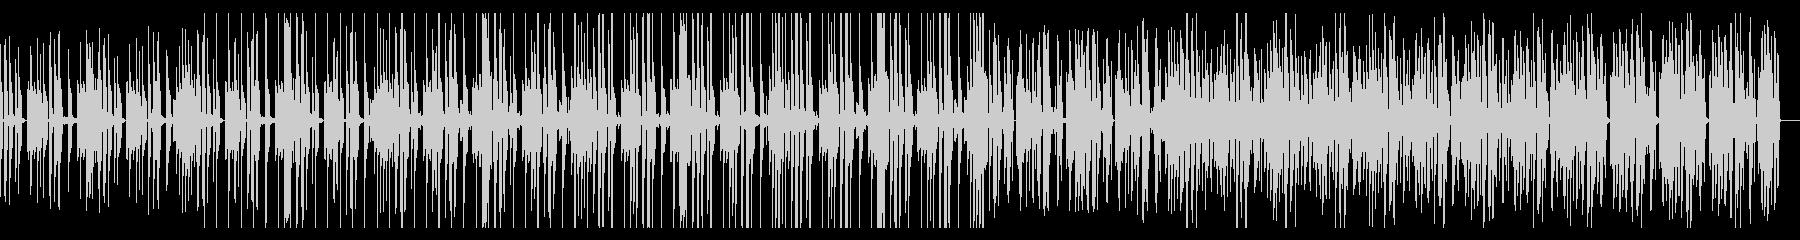 ミディアムダークなR&Bの未再生の波形